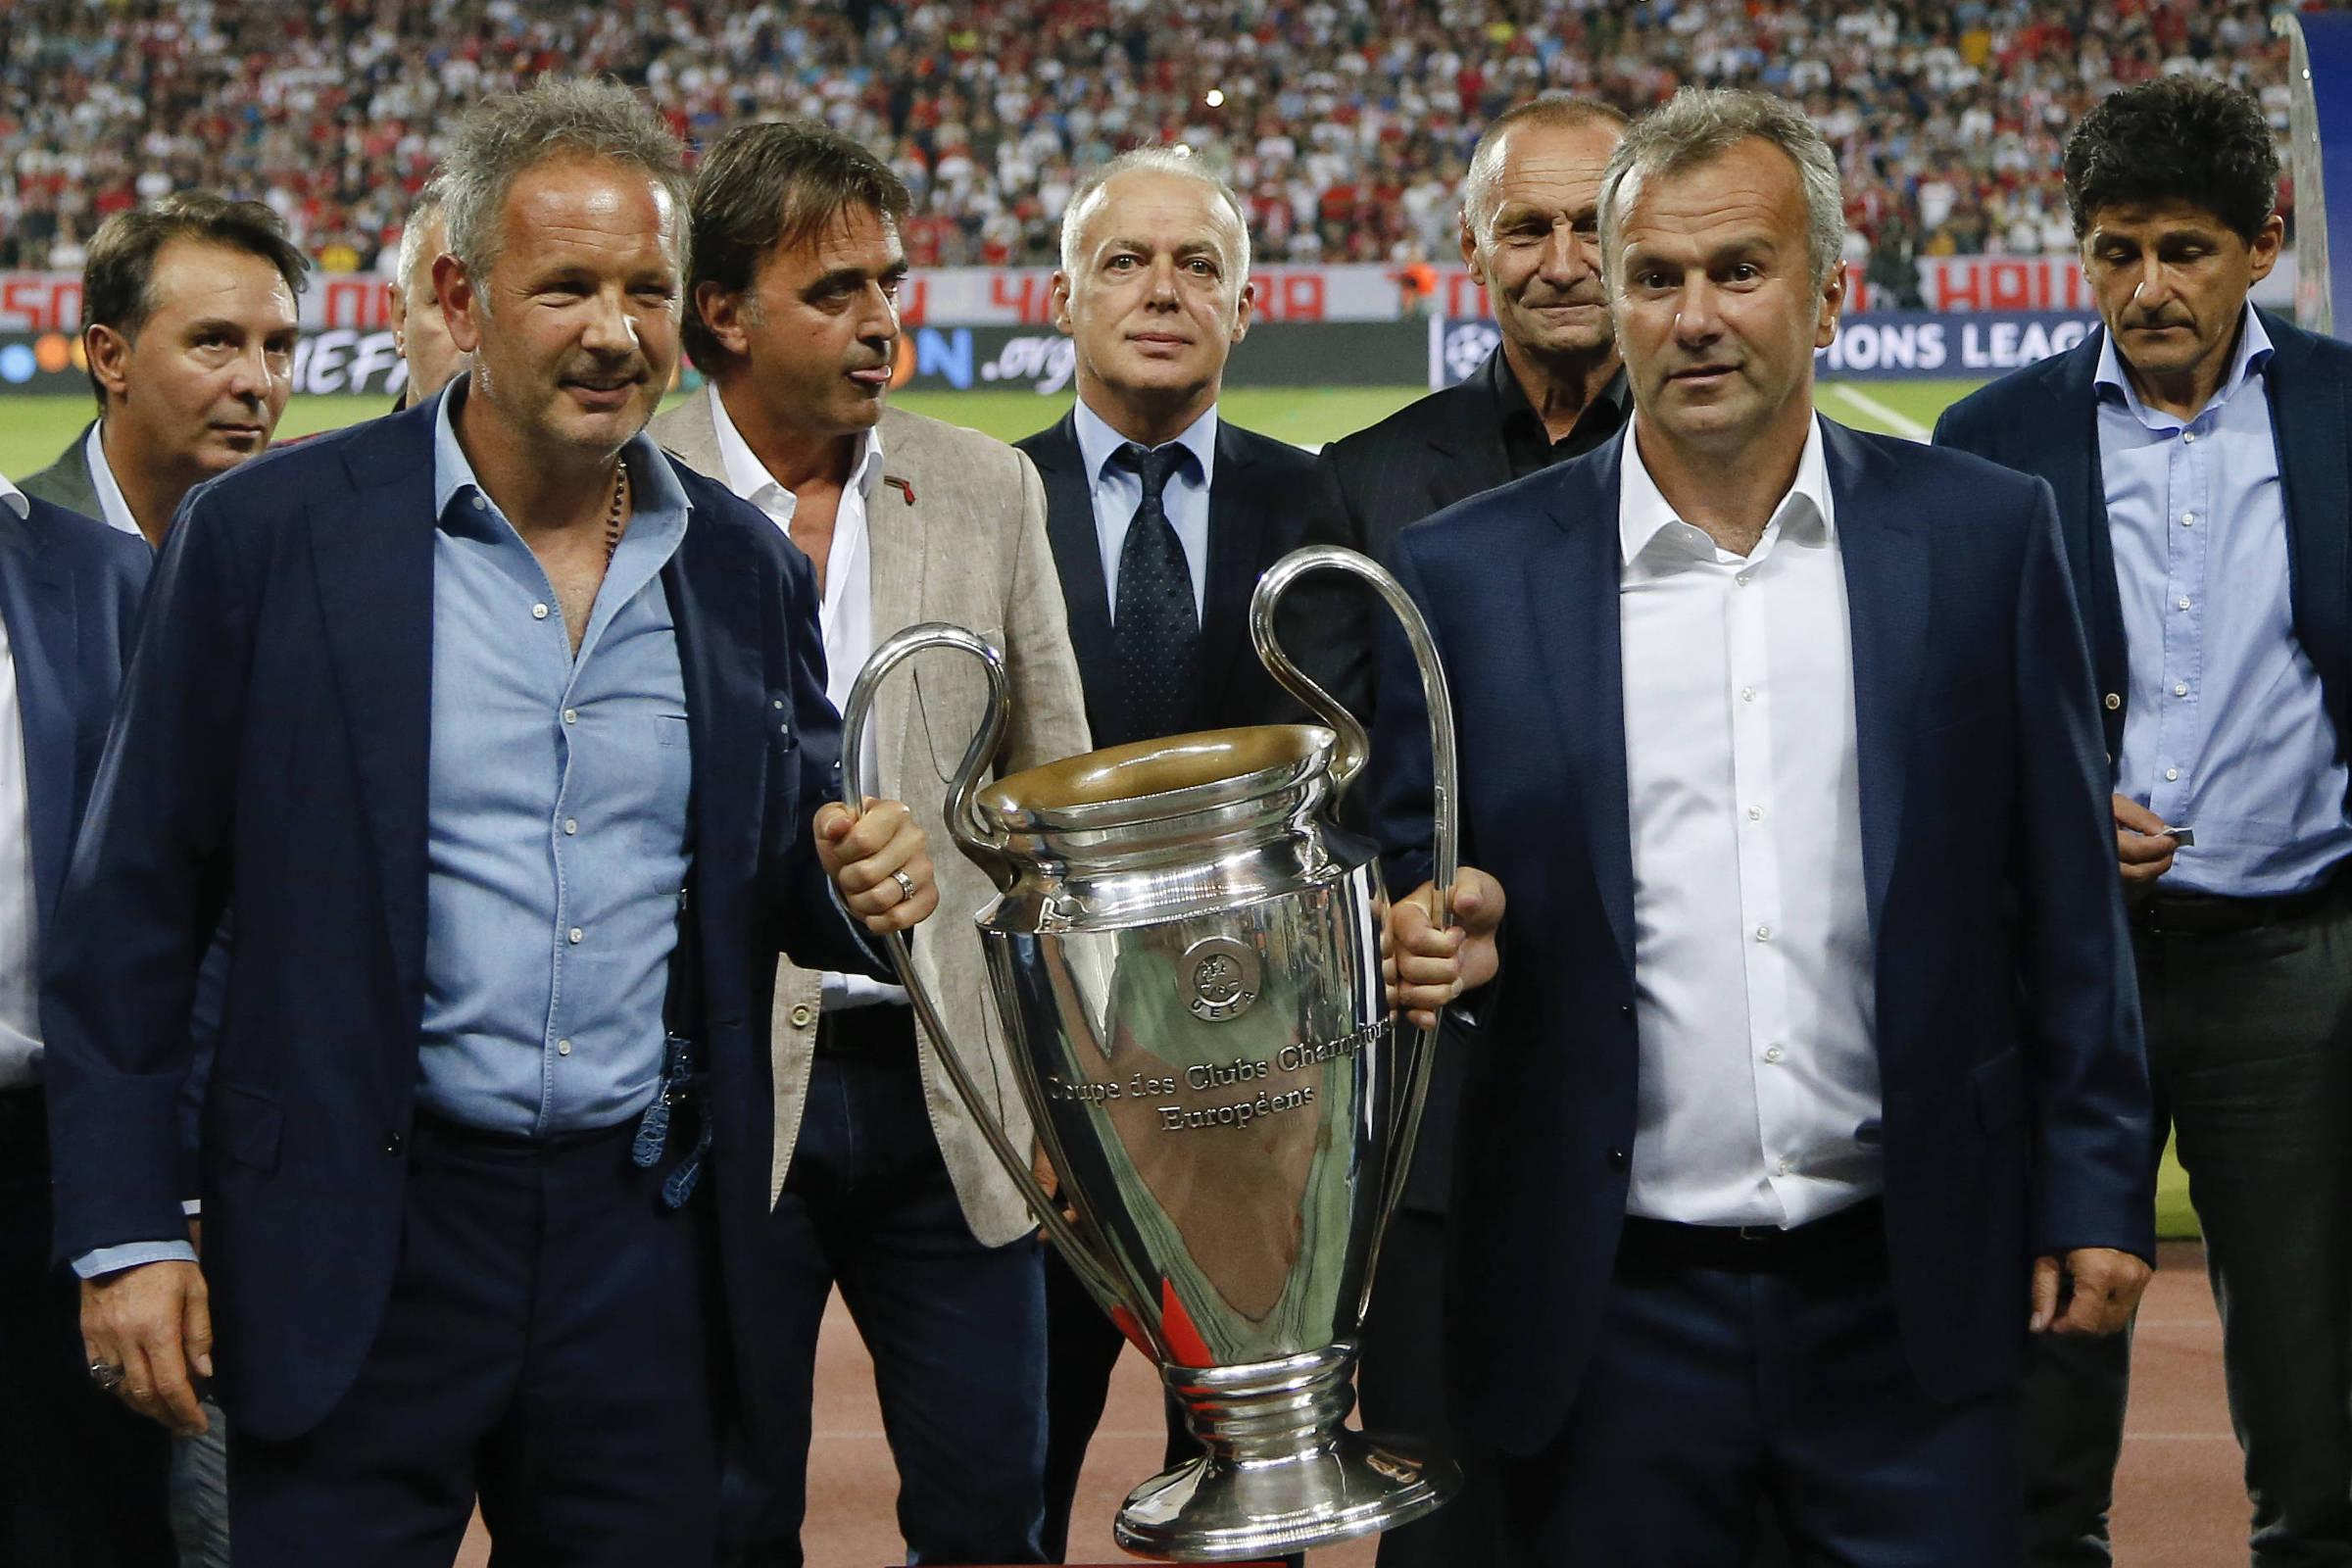 a8dc950782 Estrela Vermelha é um campeão à moda antiga na Champions moderna -  02 10 2018 - Esporte - Folha